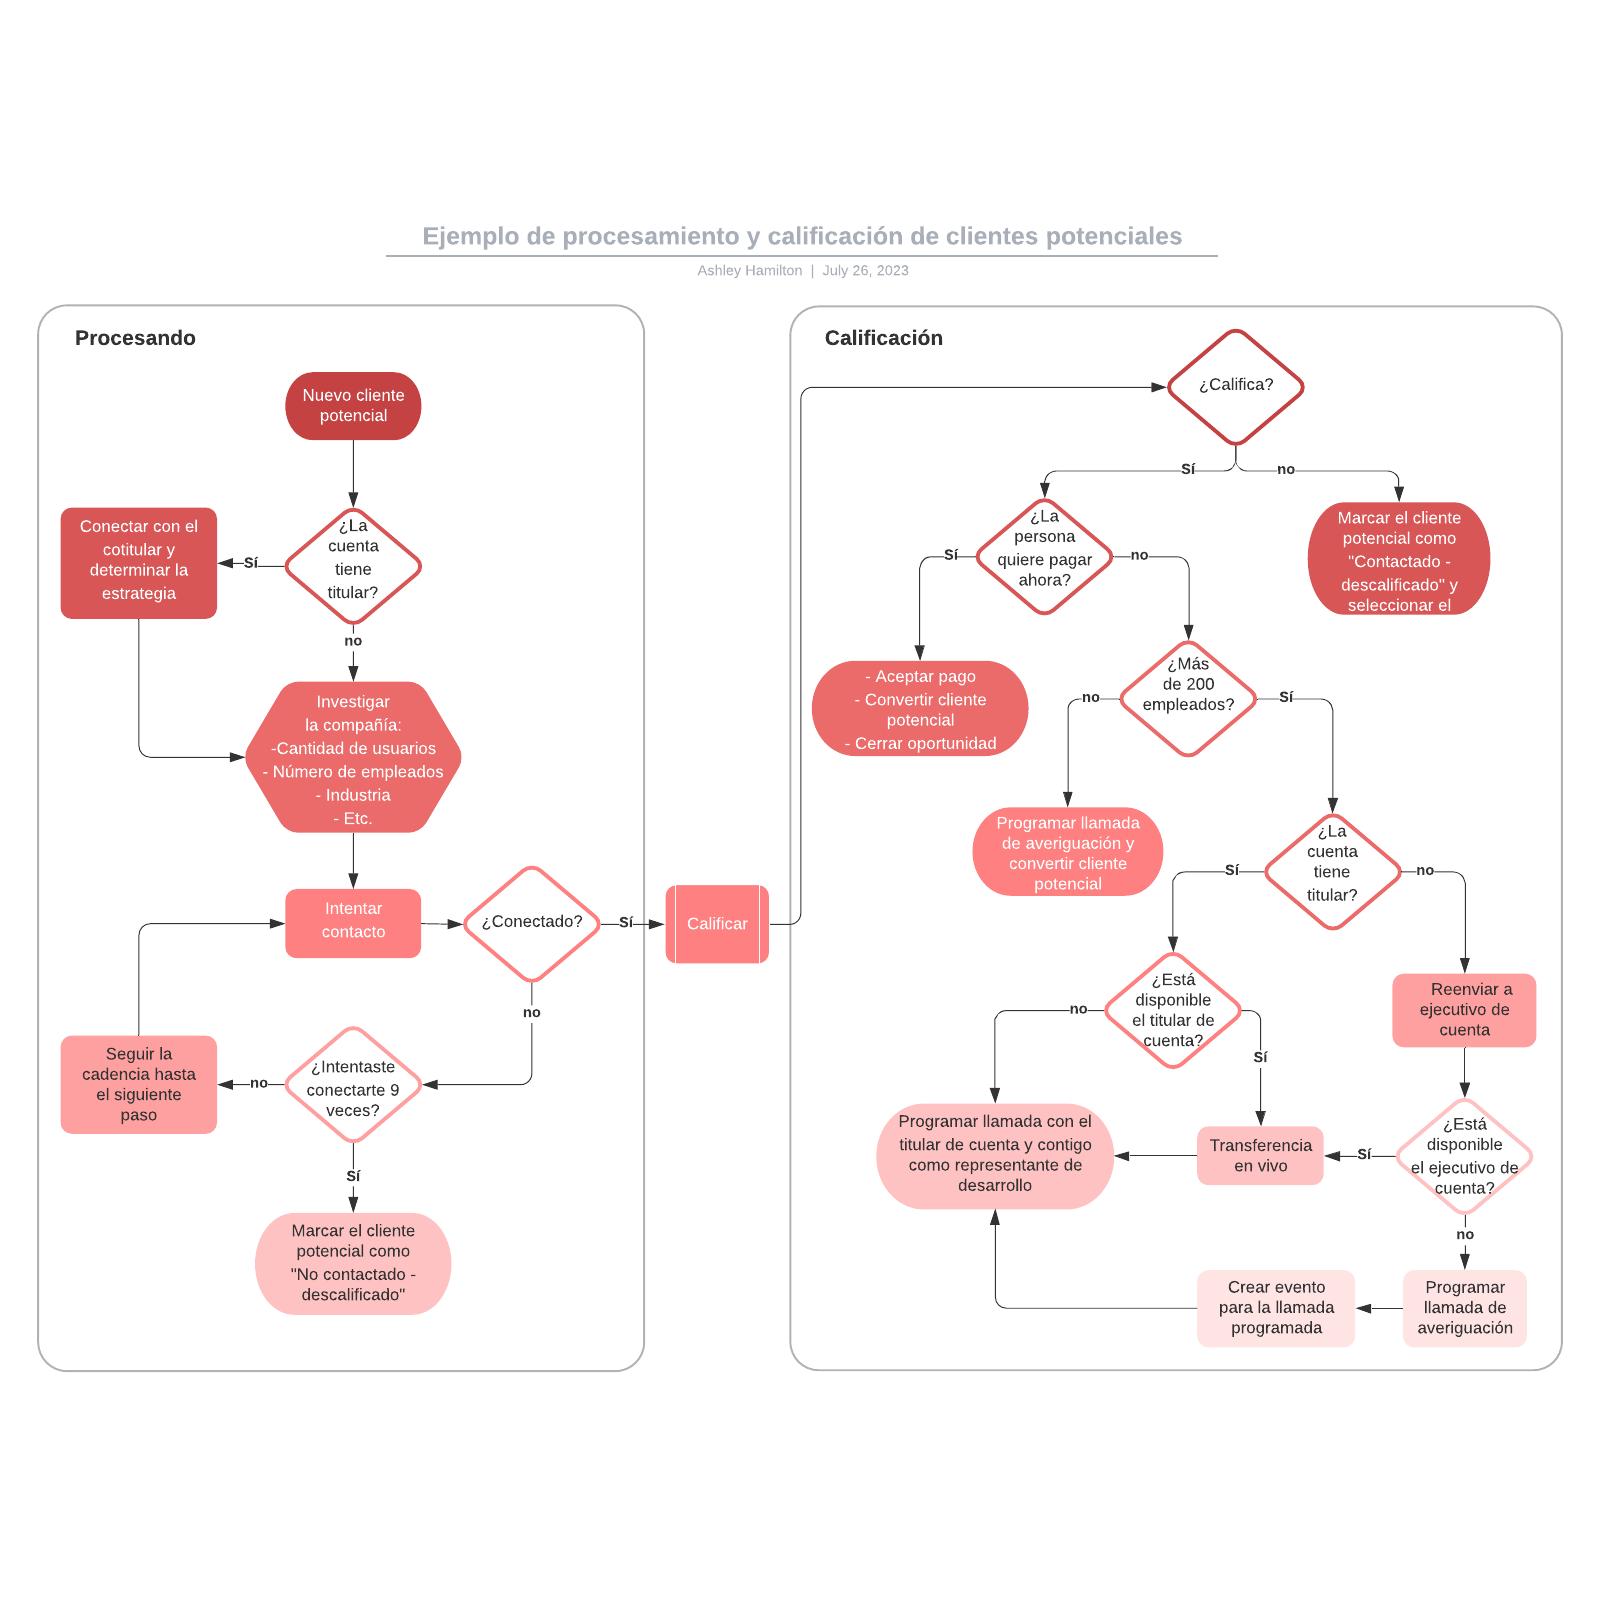 Ejemplo de procesamiento y calificación de clientes potenciales